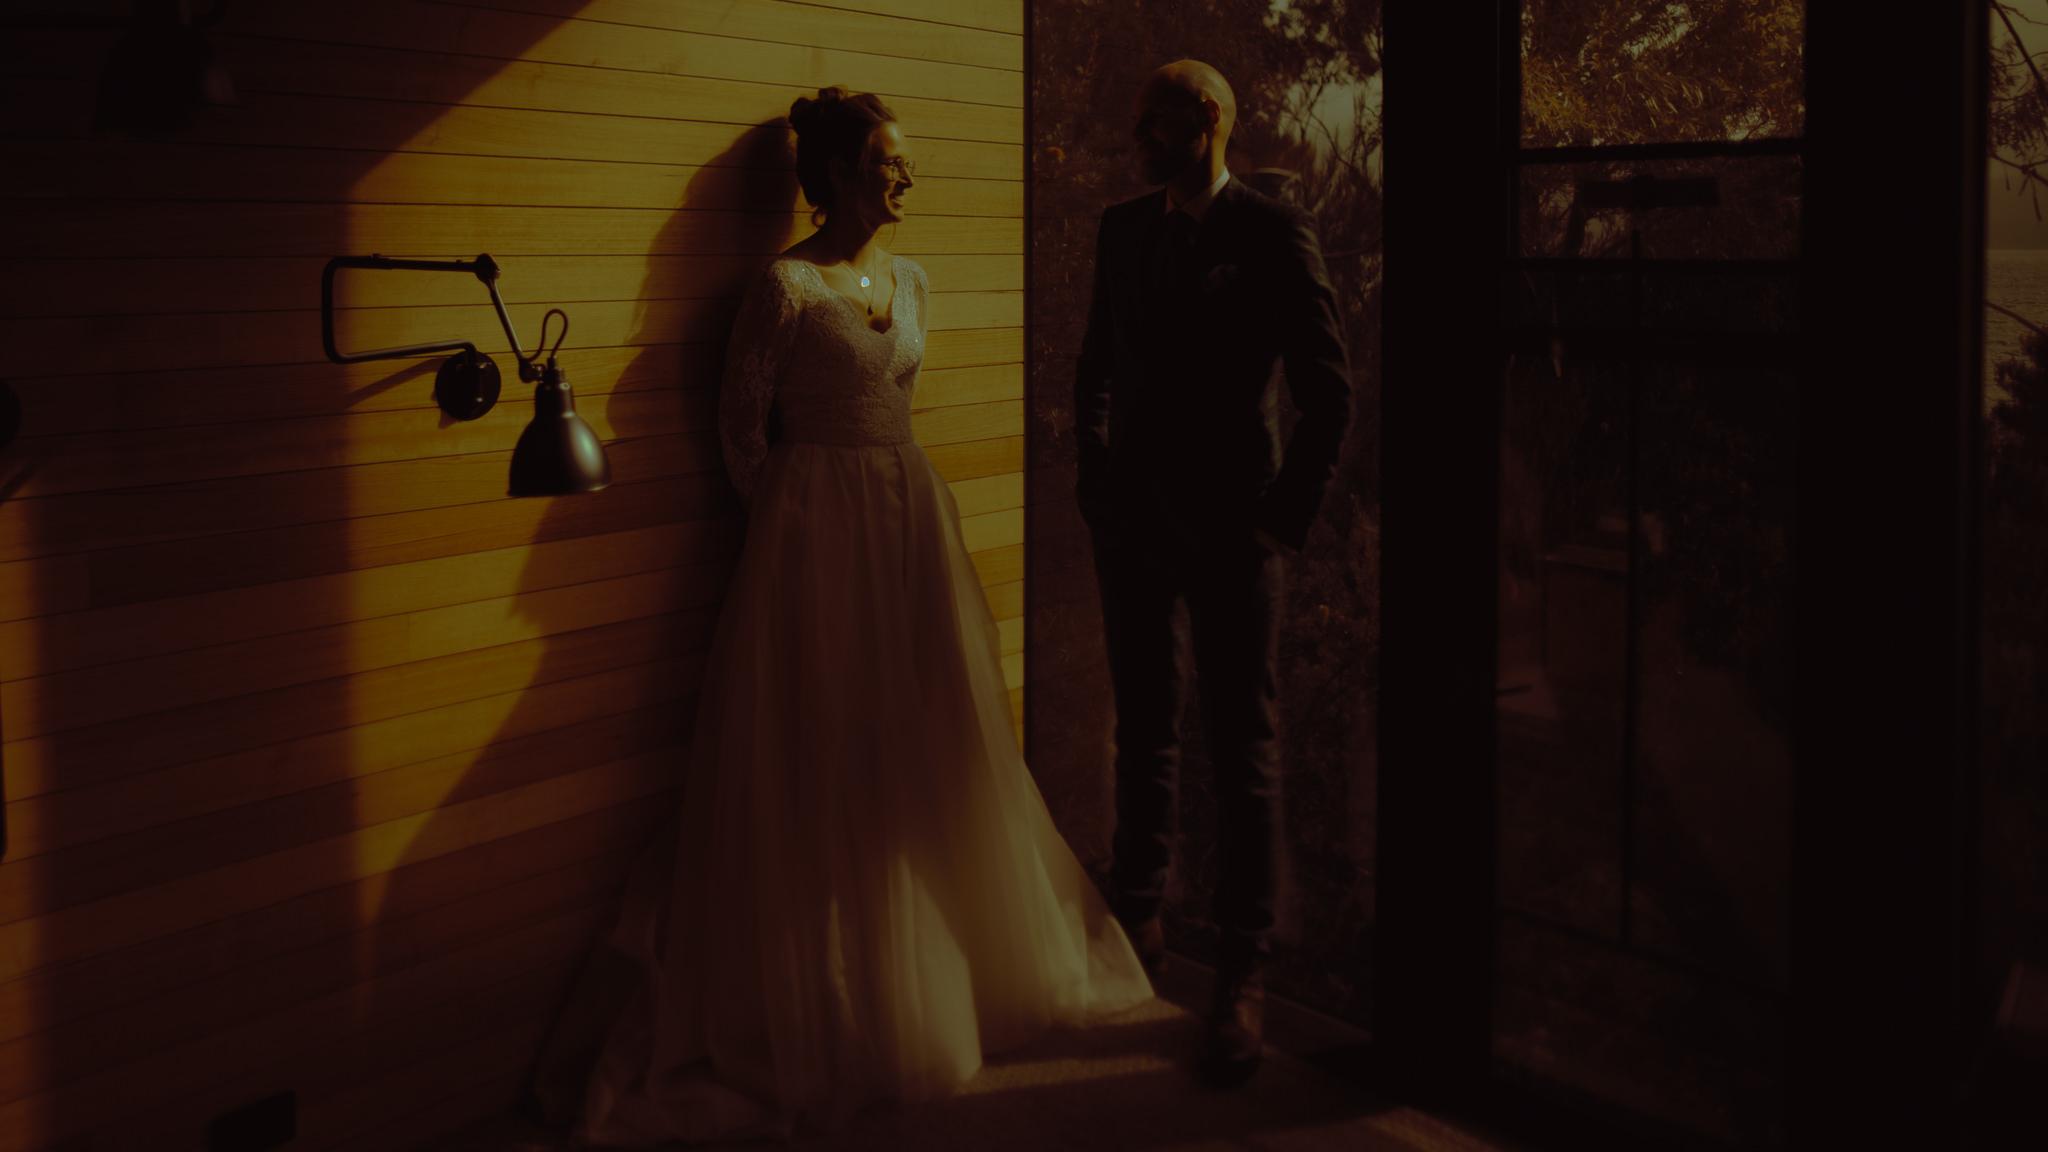 Pumphouse_Point_wedding_photography_elopement615.JPG